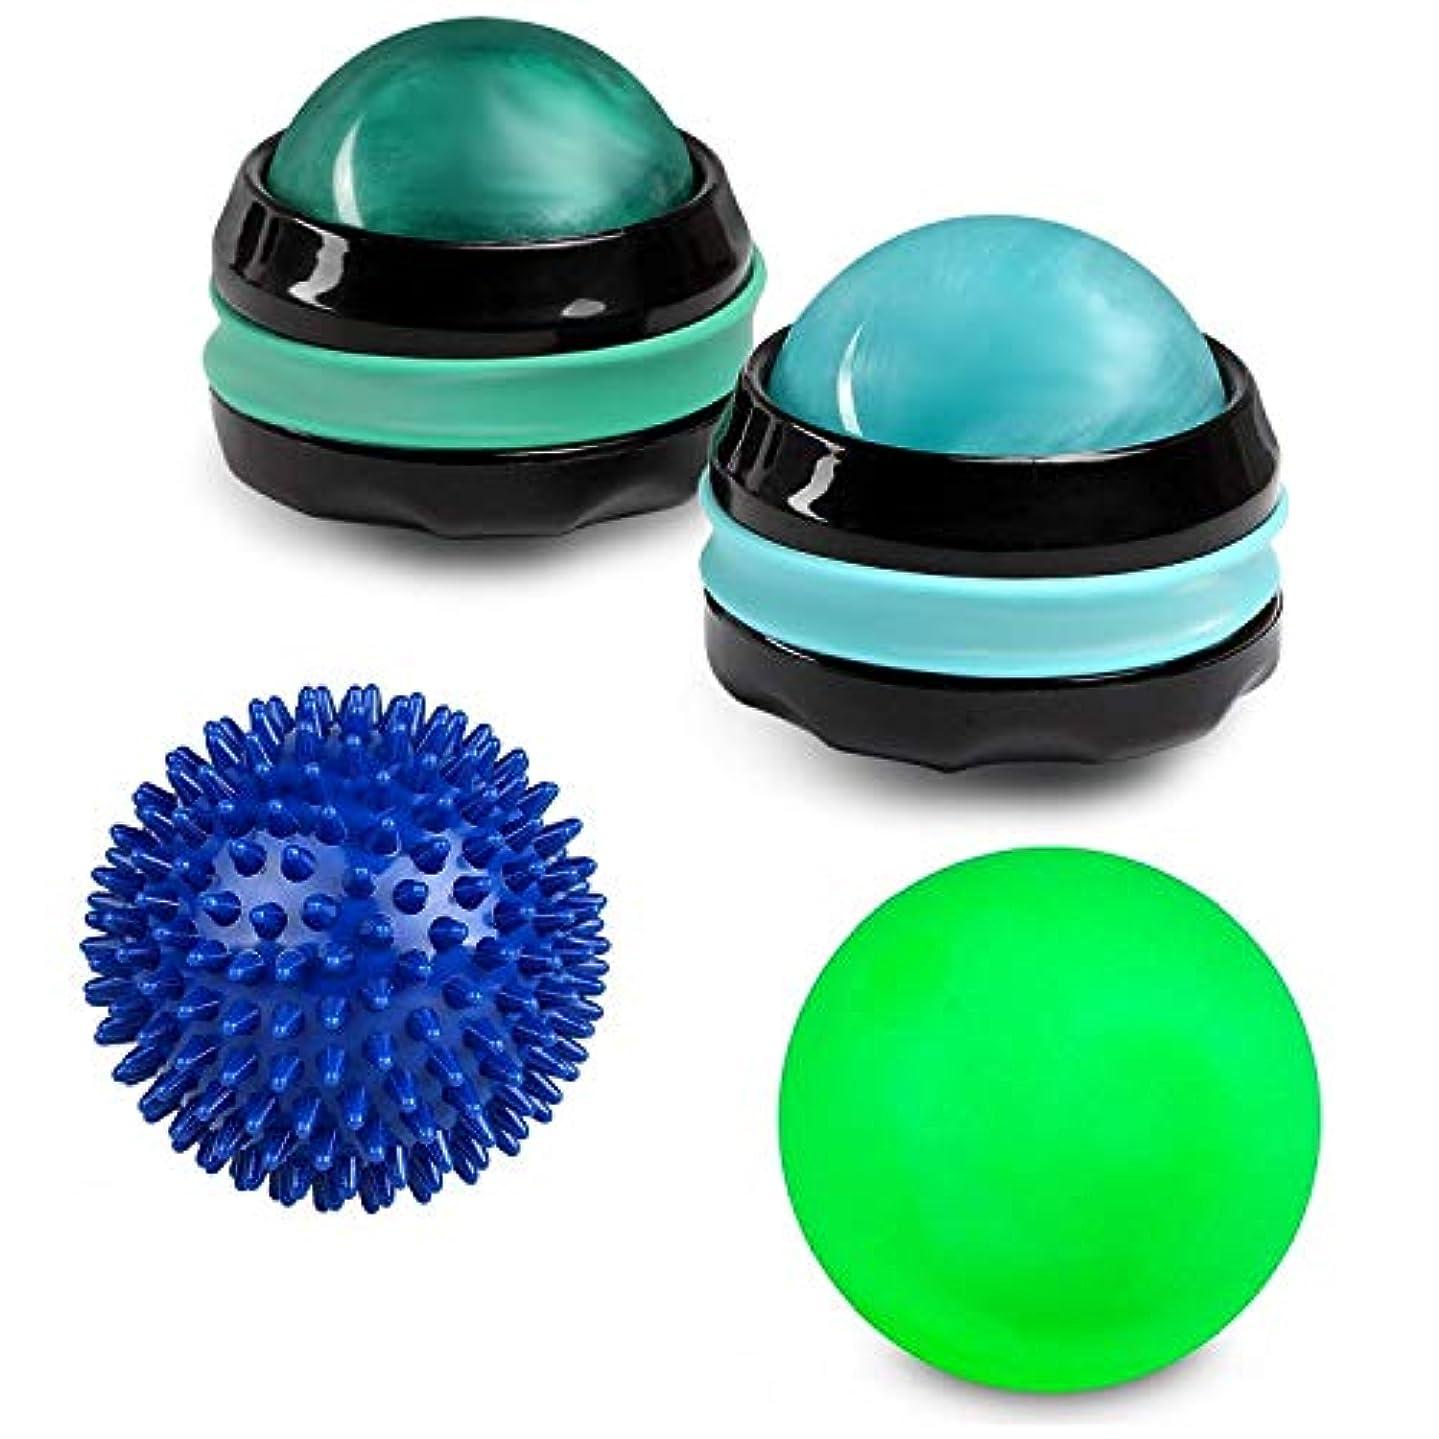 分岐する反動エアコンMassage Ball Set - Foot Body Back Leg Neck Hand Rejuvenation Therapy Roller Massager Therapy (Bundle: 1 Lacrosse...